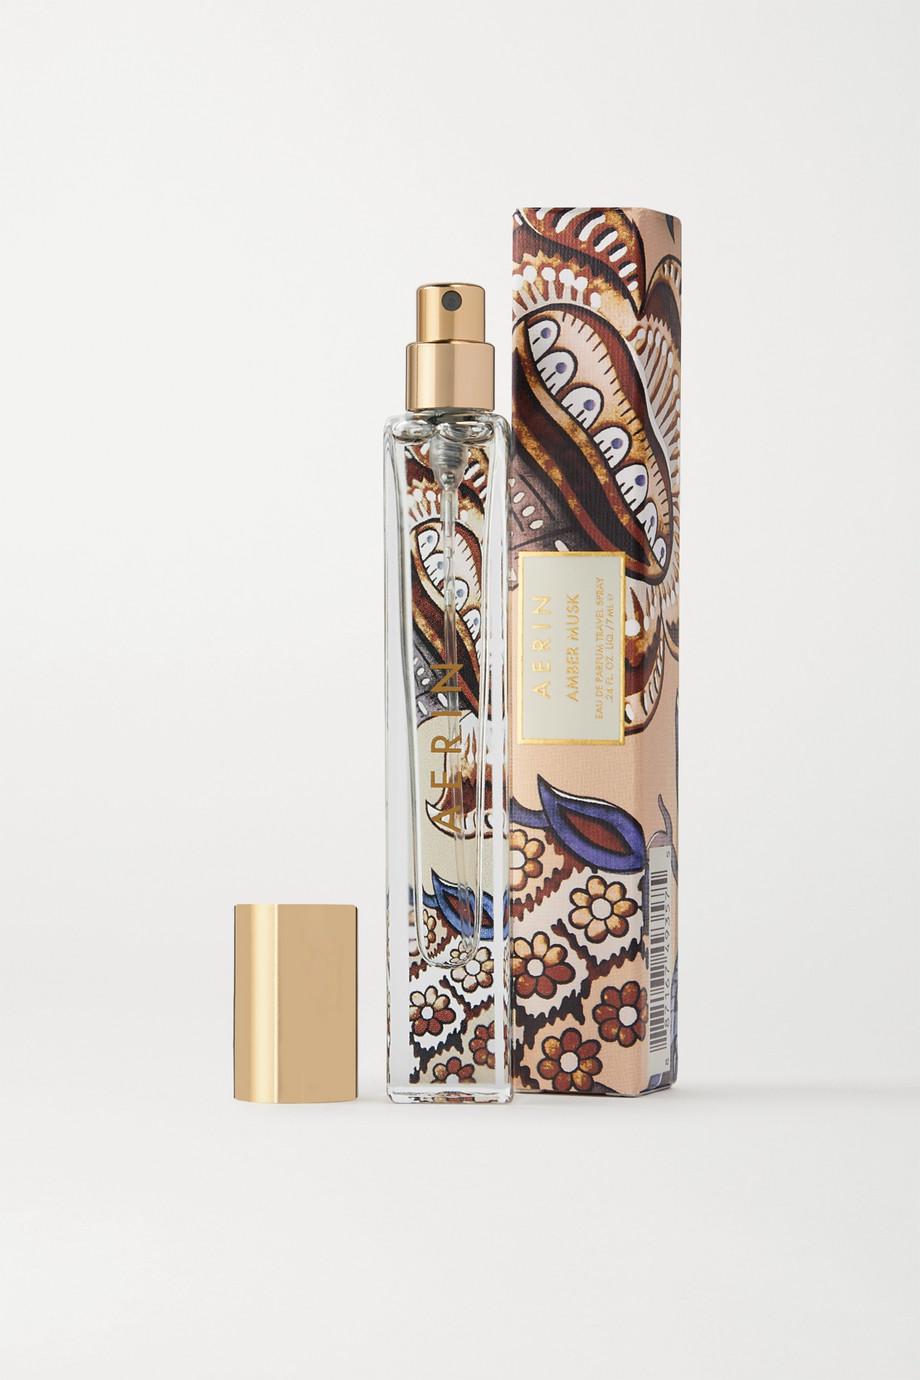 AERIN Beauty Amber Musk Eau de Parfum, 7ml